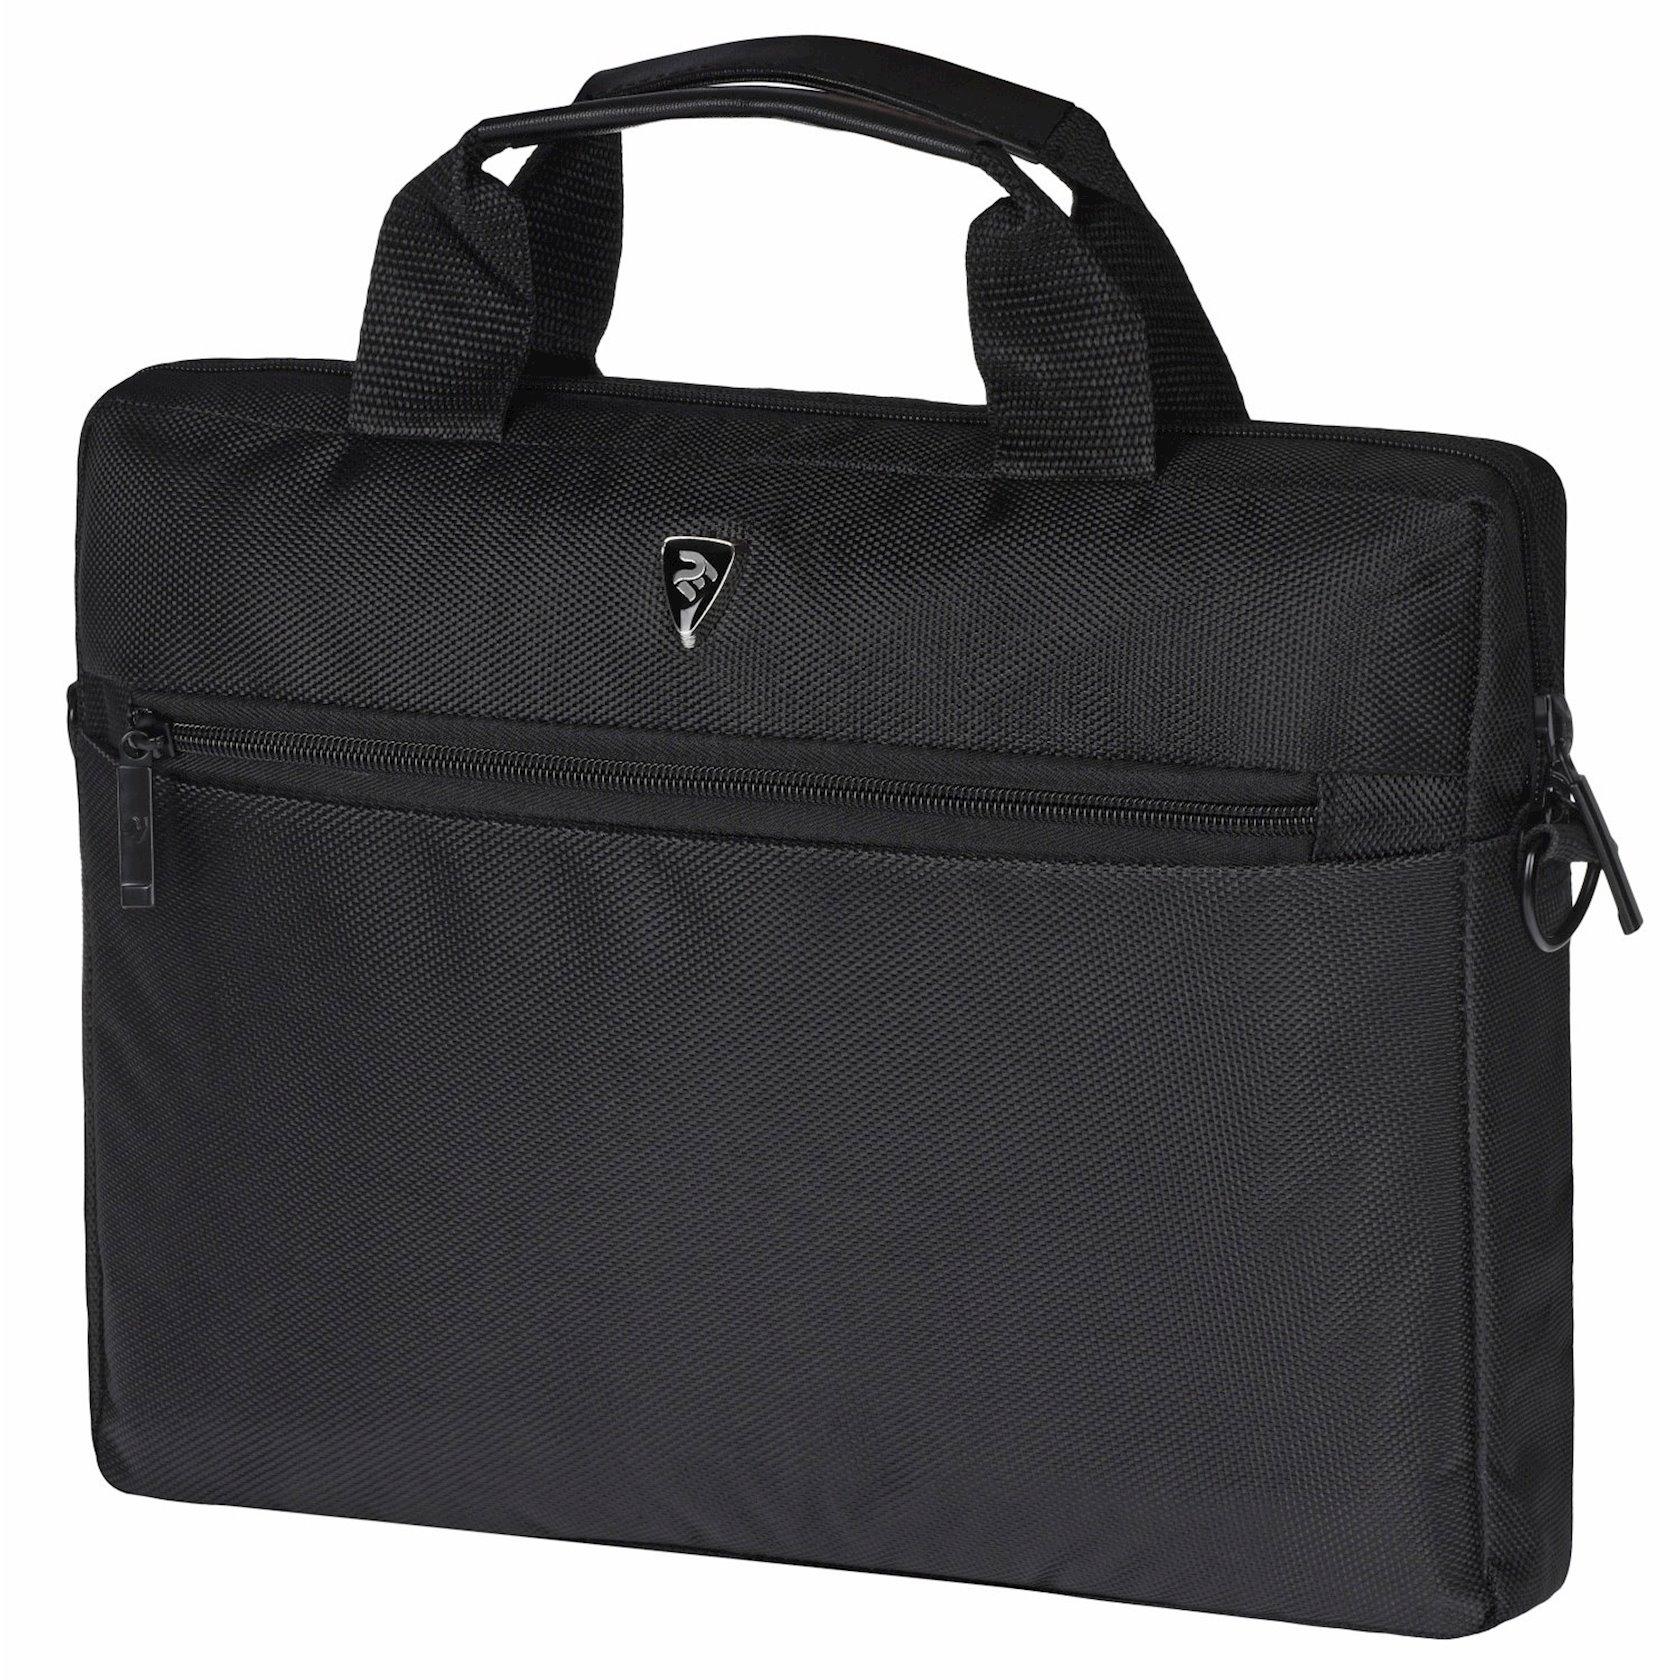 Çanta noutbuk üçün 2E Laptop Bag 13.3, Beginner, Black